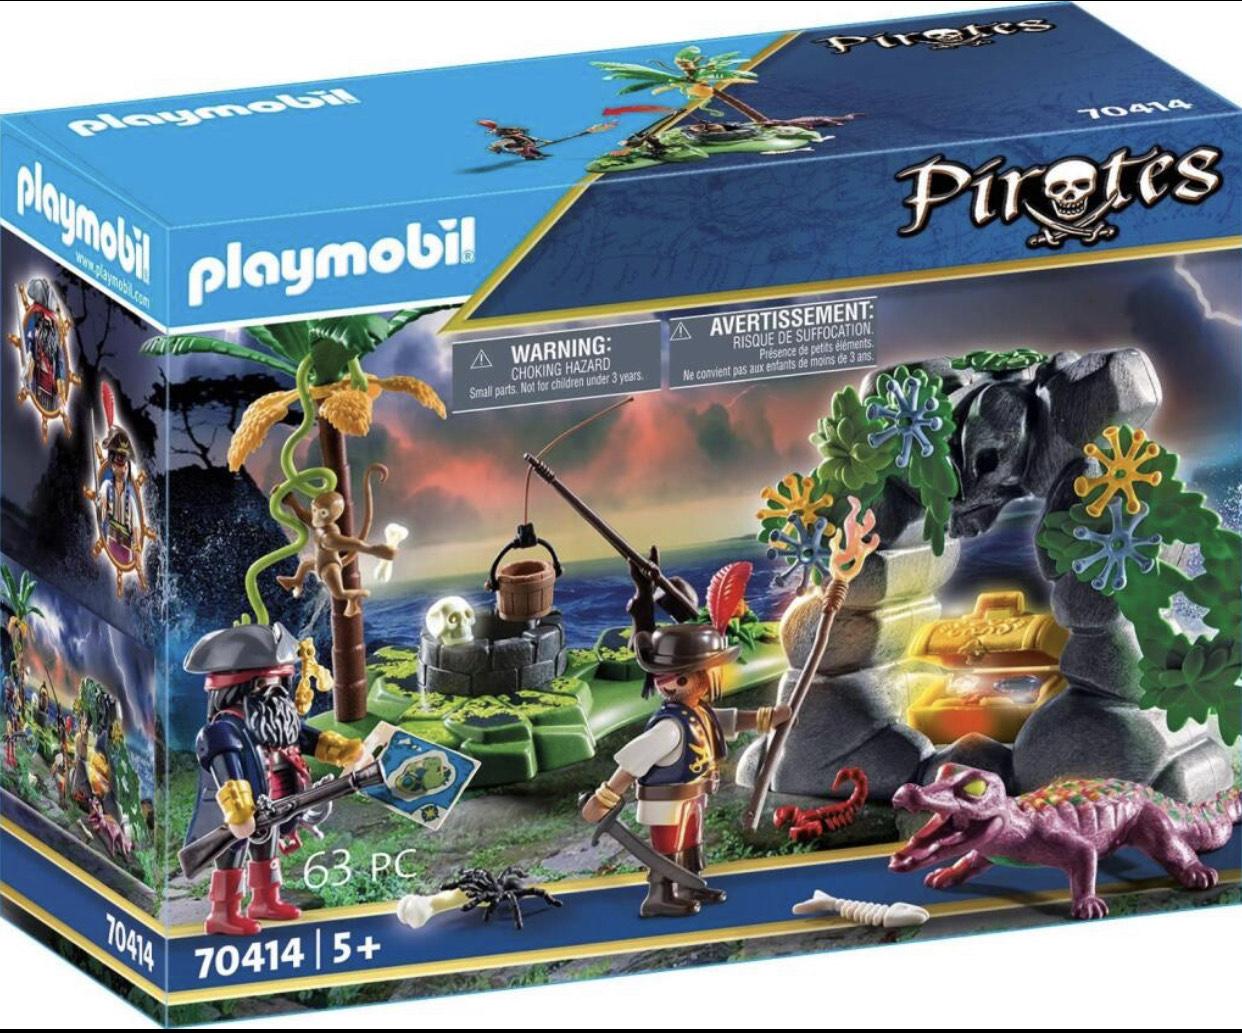 playmobil Pirates - Piraten-Schatzversteck